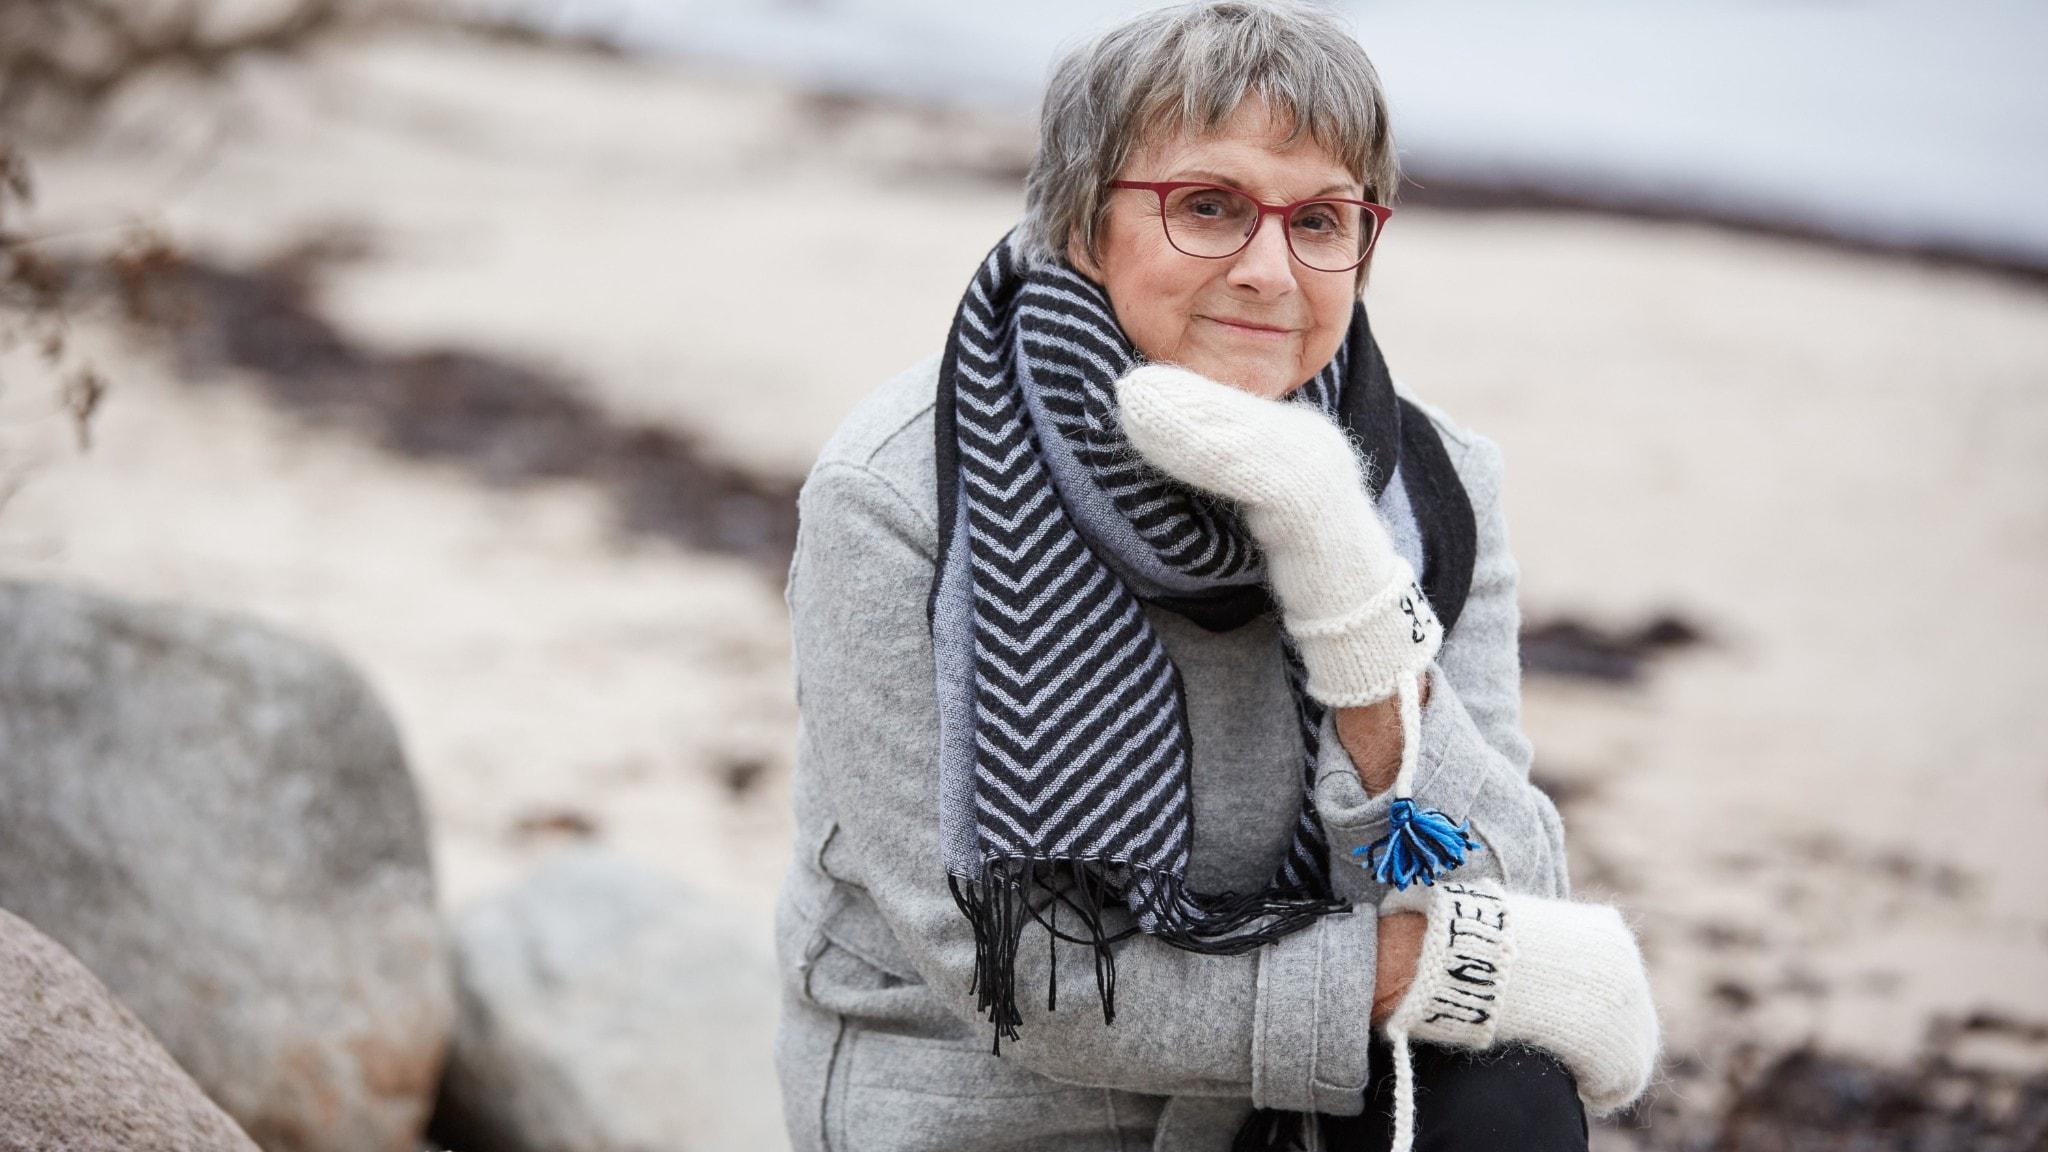 Författaren och psykologen Patricia Tudor-Sandahl är en av årets värdar i Vinter i P1.